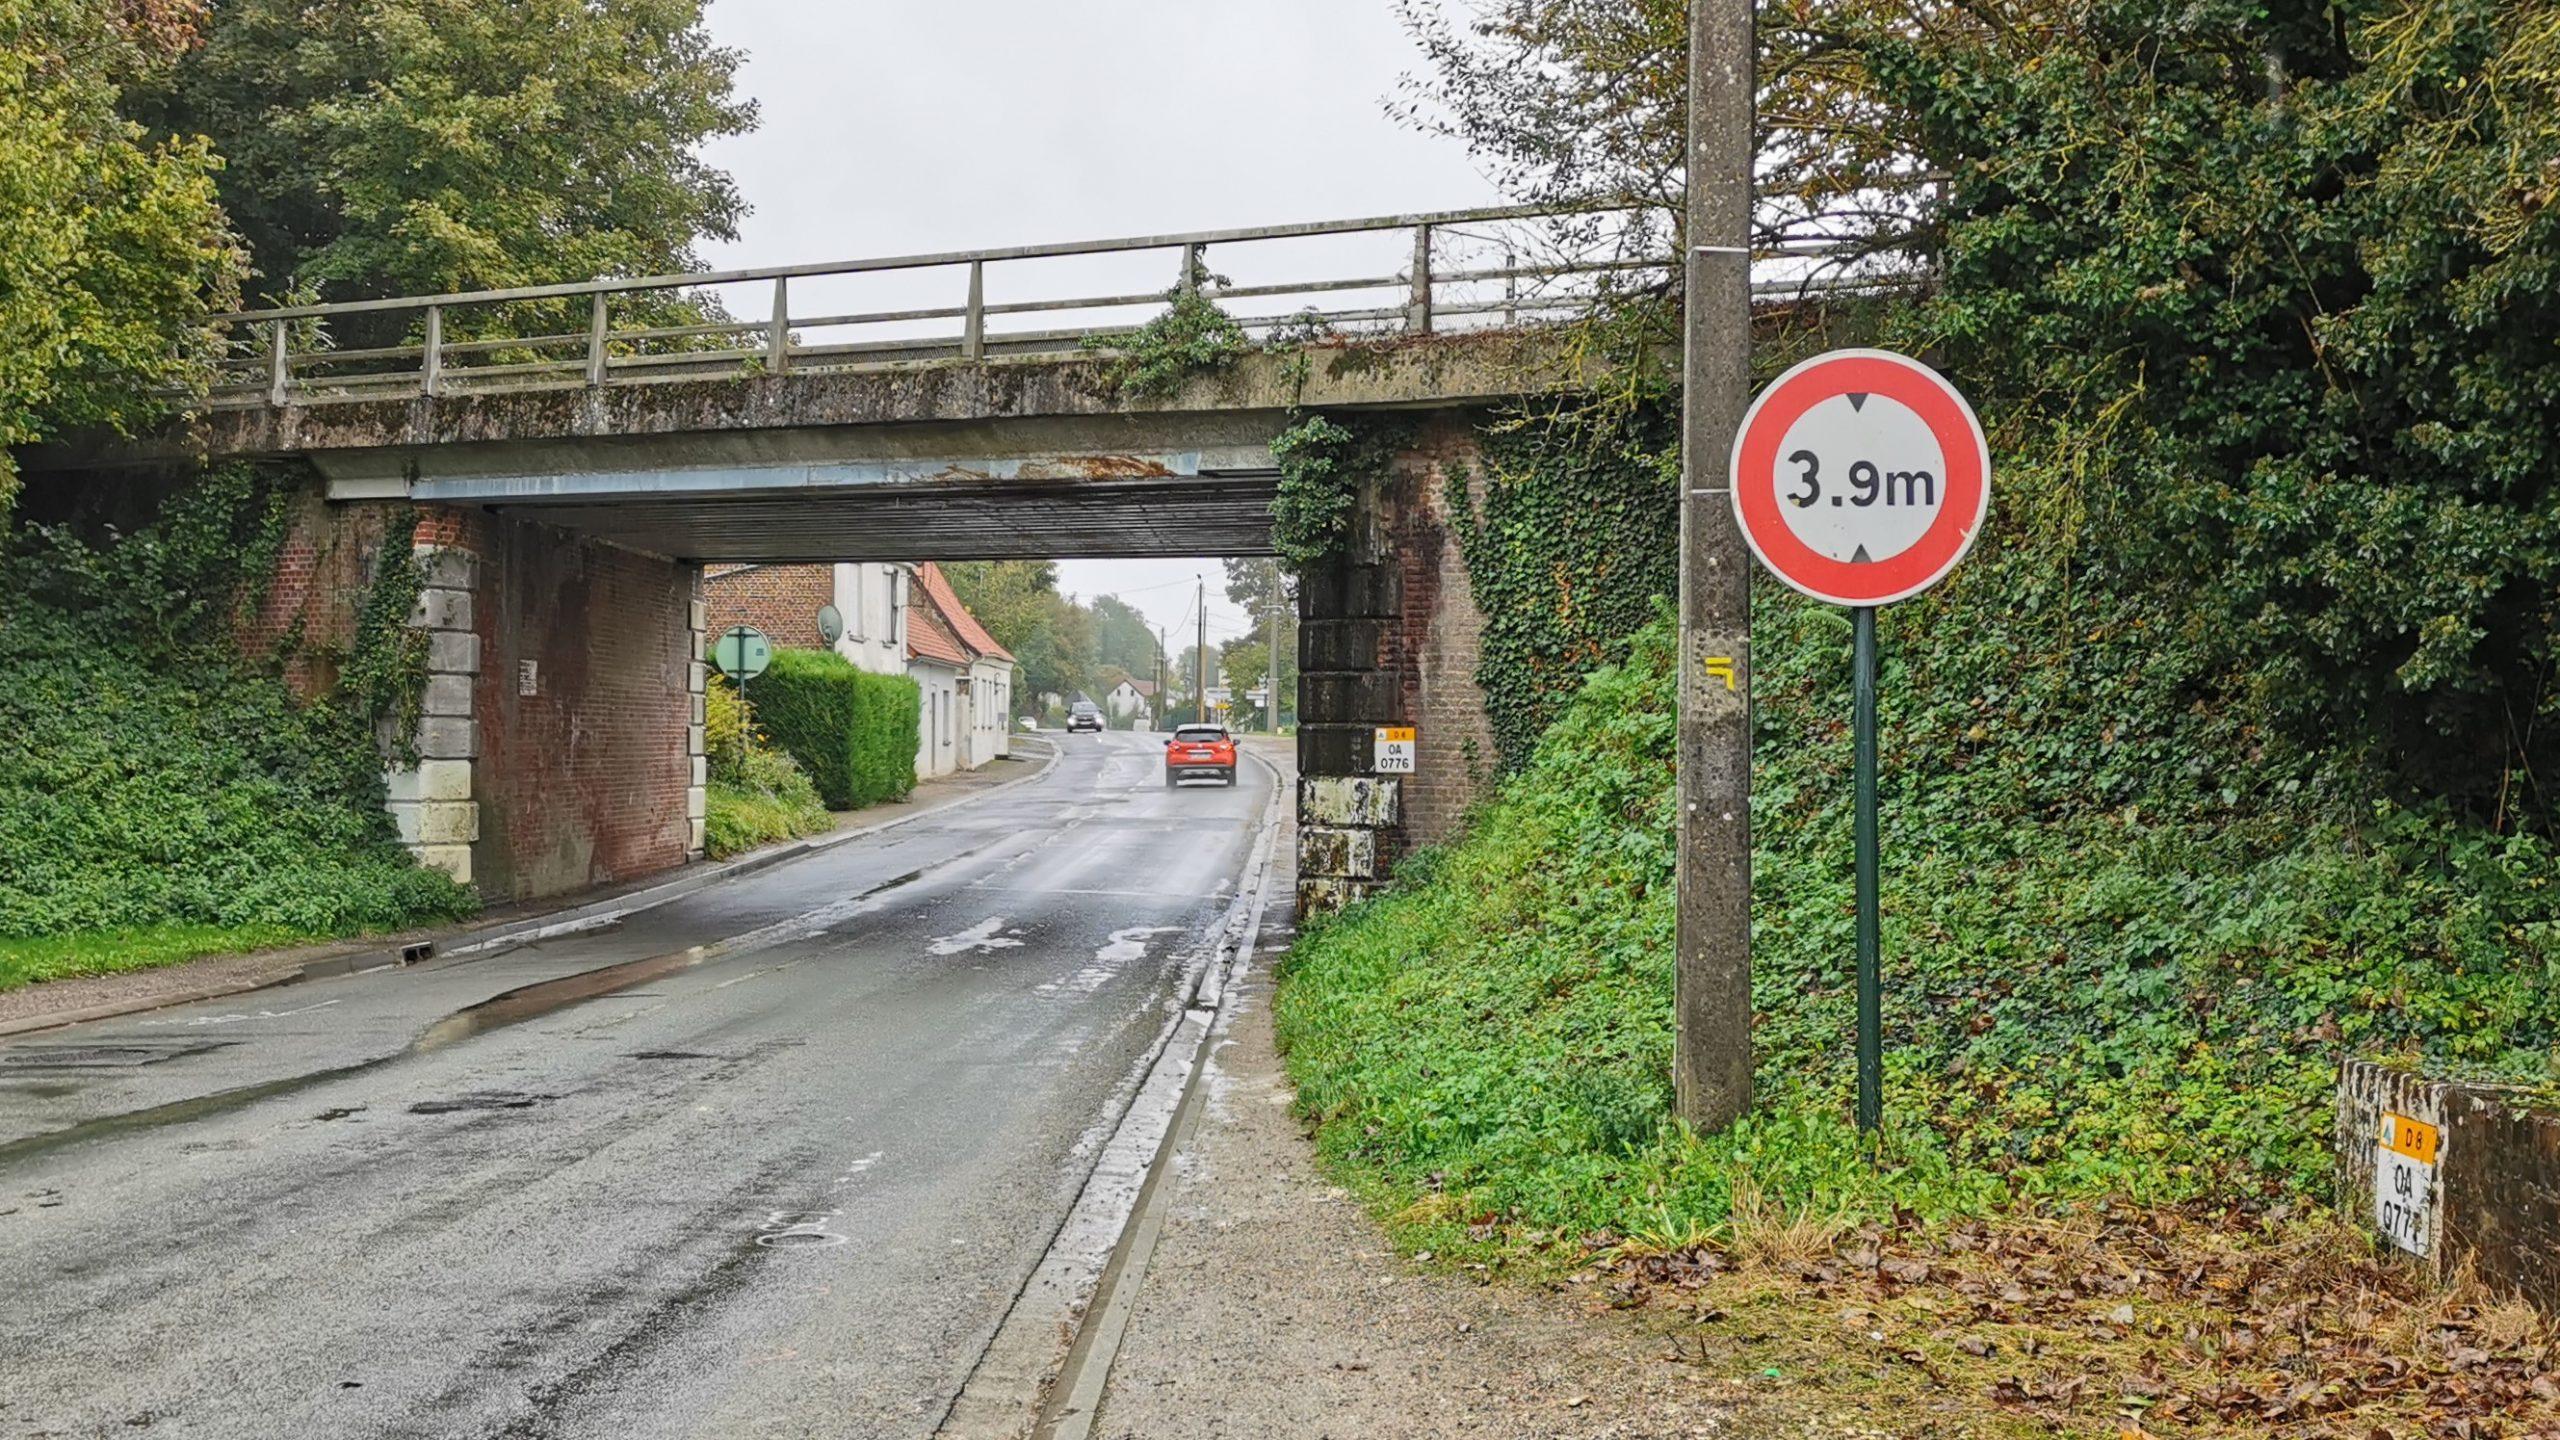 Saint-Michel : trois semaines de déviation et de travaux pour rénover le pont ferroviaire